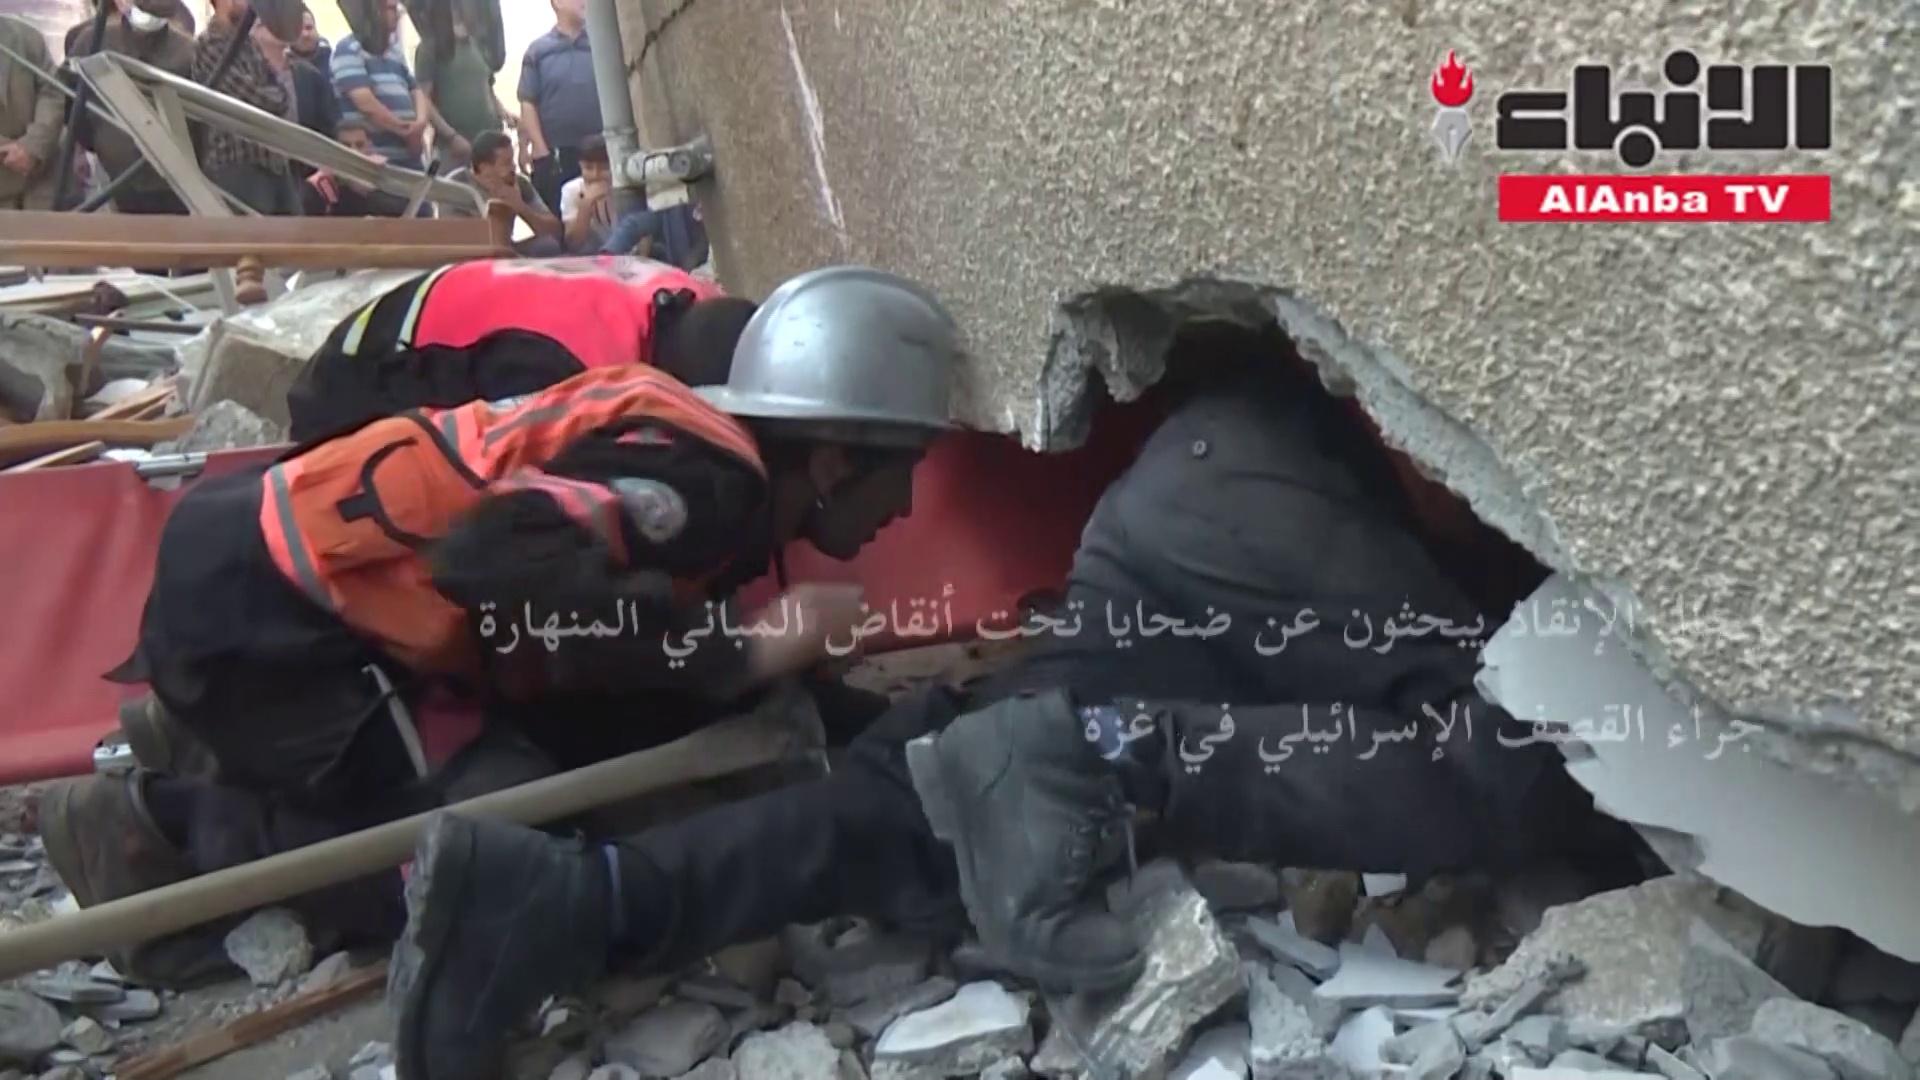 رجال الإنقاذ يبحثون عن ضحايا تحت أنقاض المباني المنهارة جراء قصف قوات الاحتلال في غزة